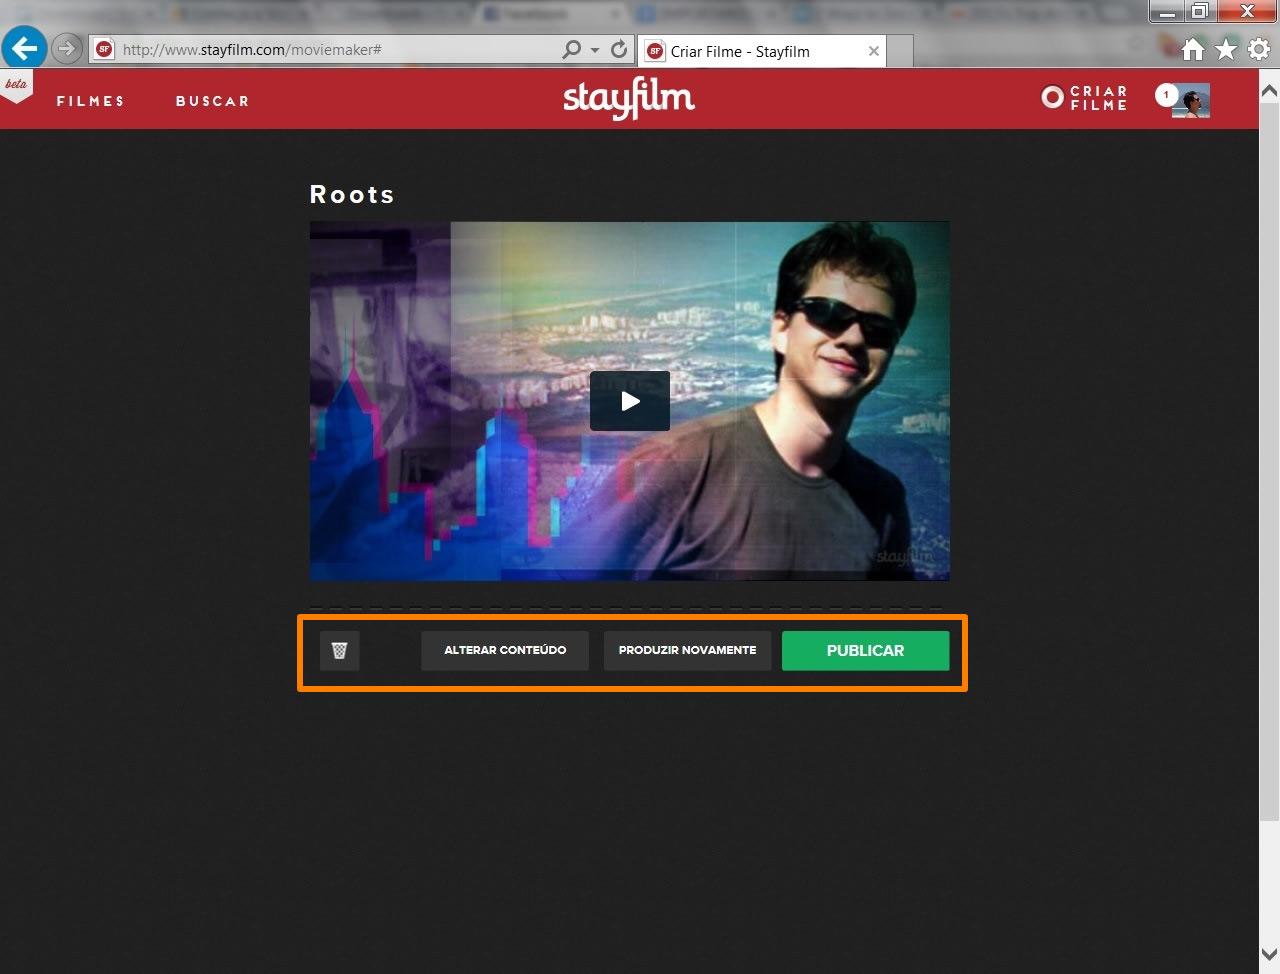 Visualize o videoclipe montado e utilize os botões em destaque para deletá-lo, modificar suas imagens, reorganizar seu conteúdo ou publicá-lo (Foto: Reprodução/Daniel Ribeiro)